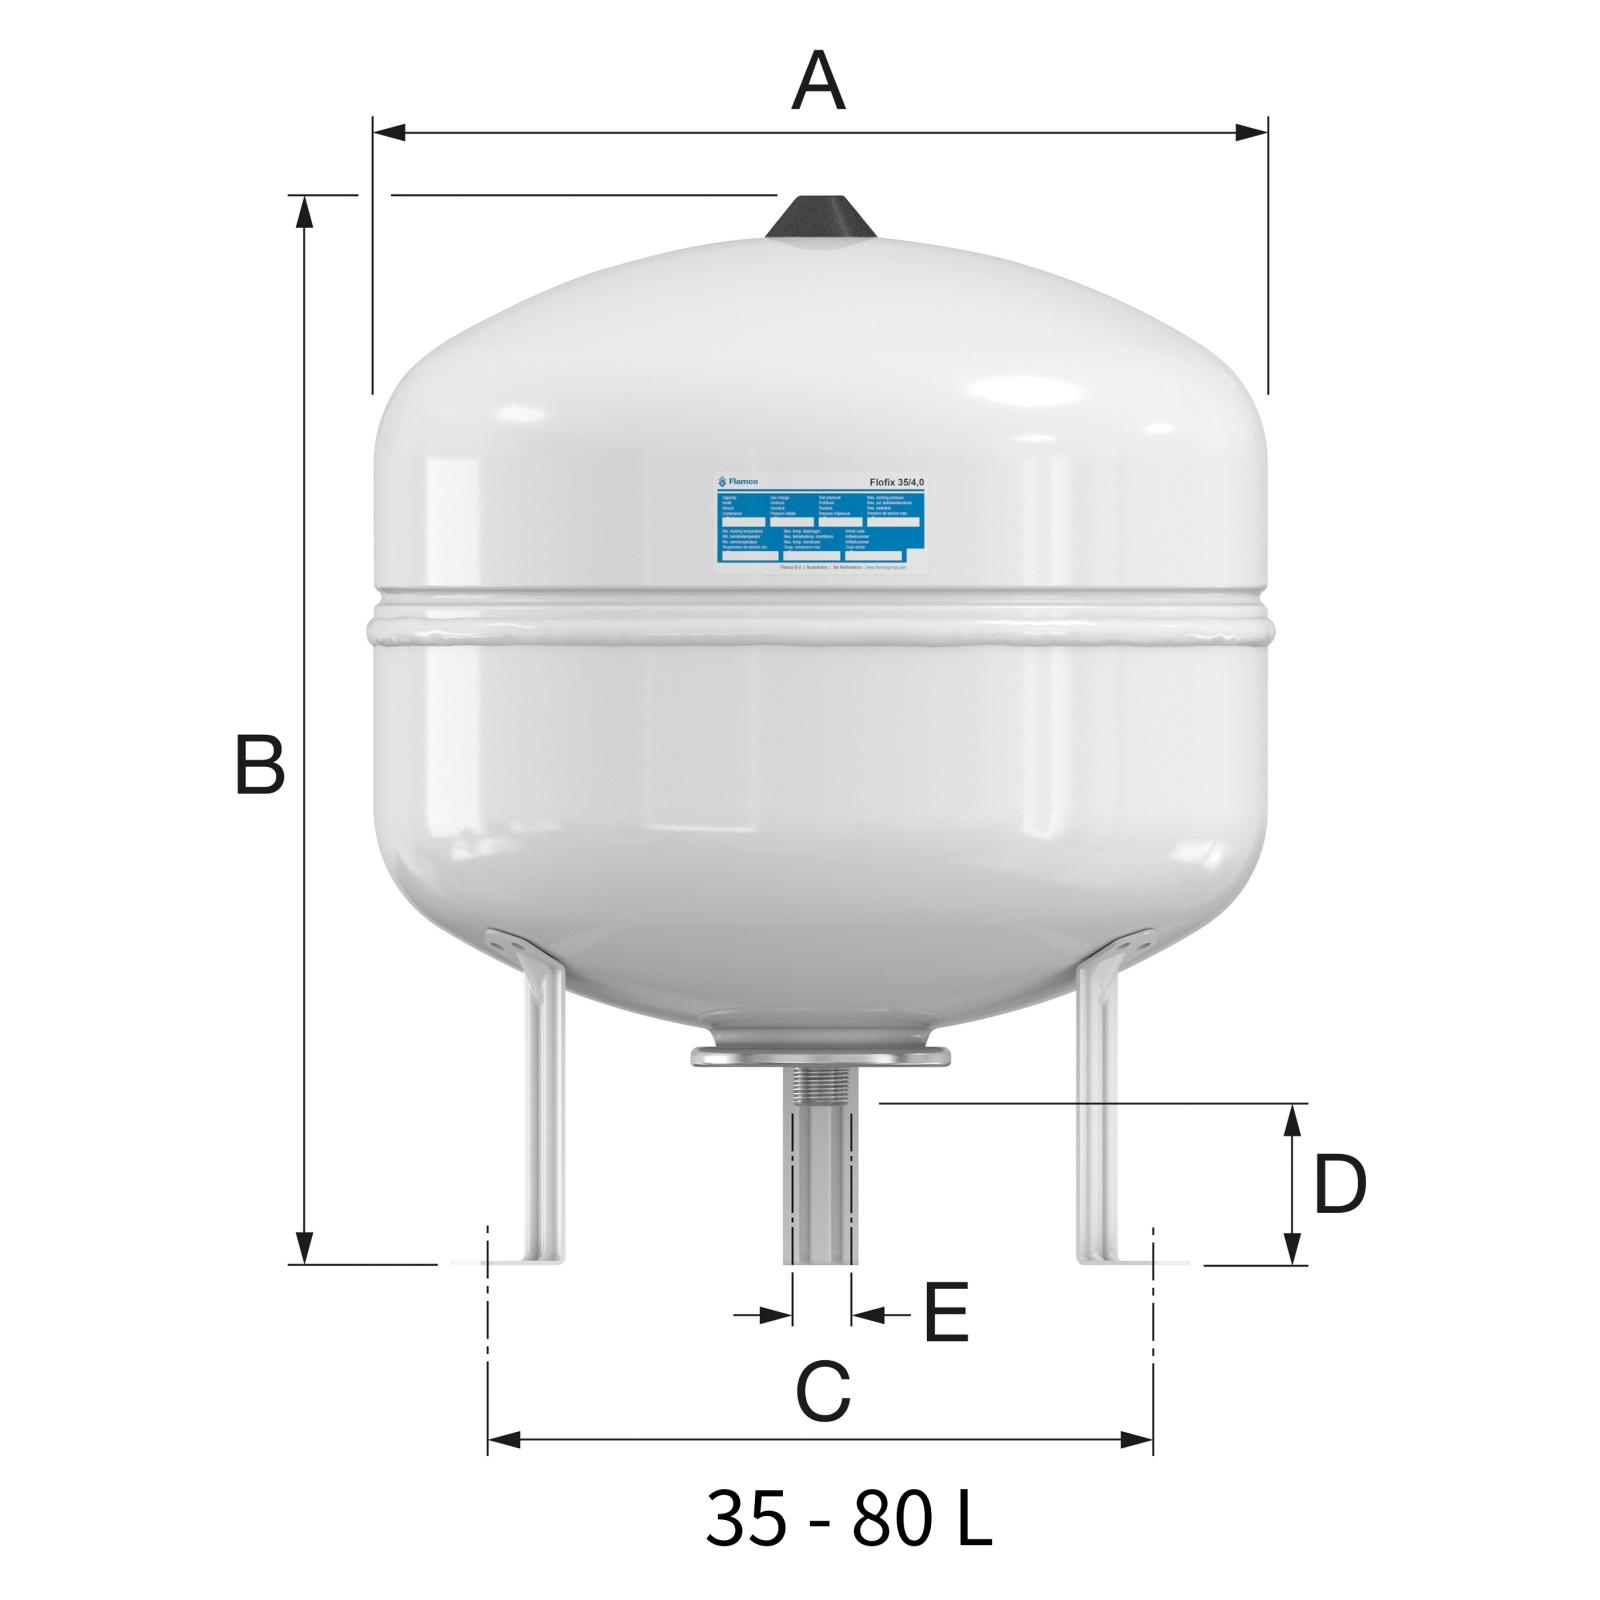 Flamco Flofix 50 Ivóvizes tágulási tartály lábakkal 50 literes 10 bar (25295) műszaki ábra